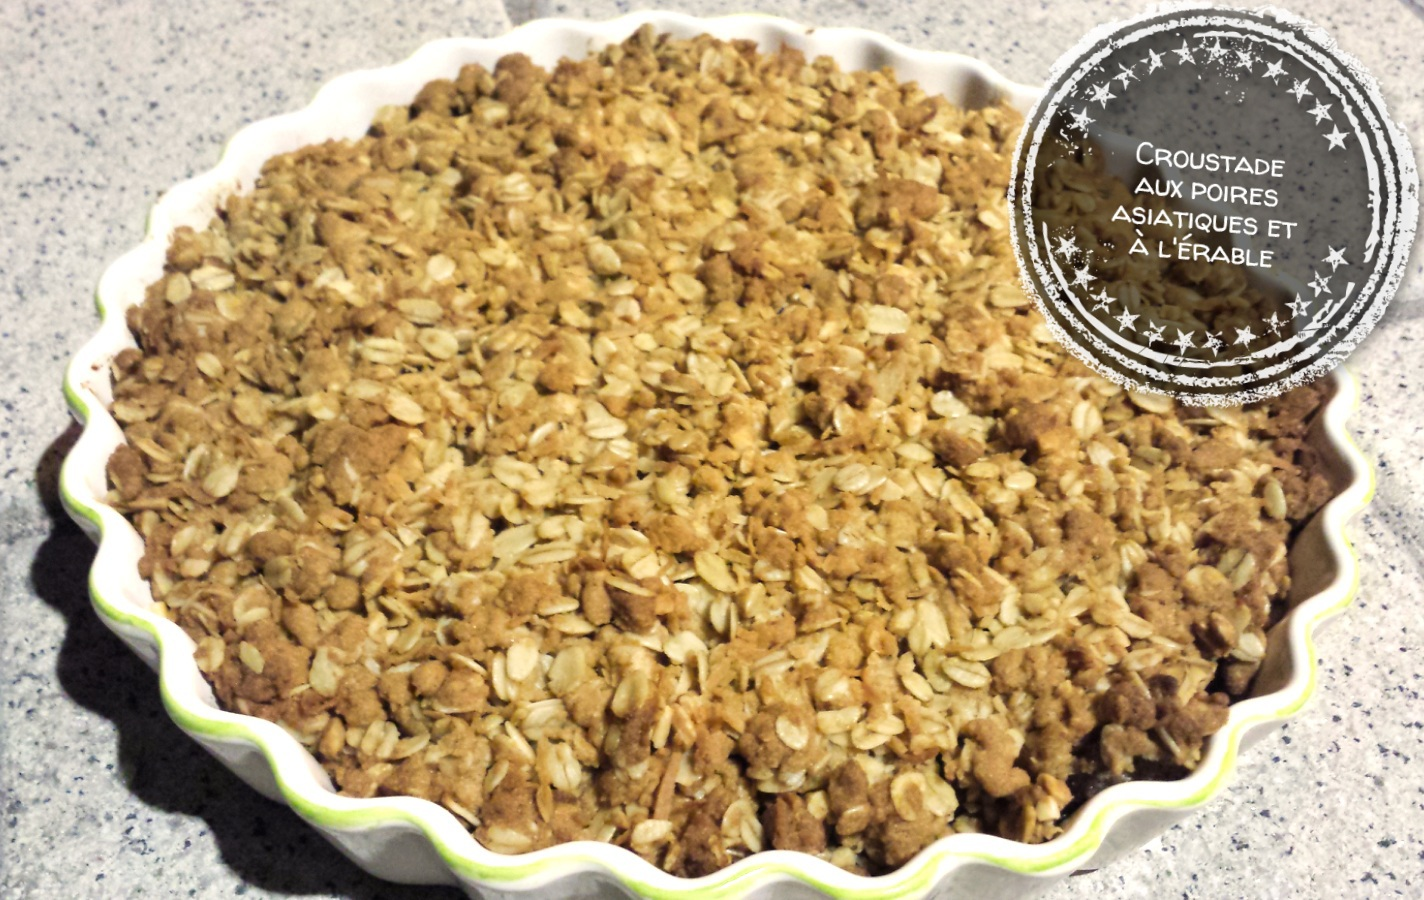 Croustade aux poires asiatiques et à l'érable - Auboutdelalangue.com (9)